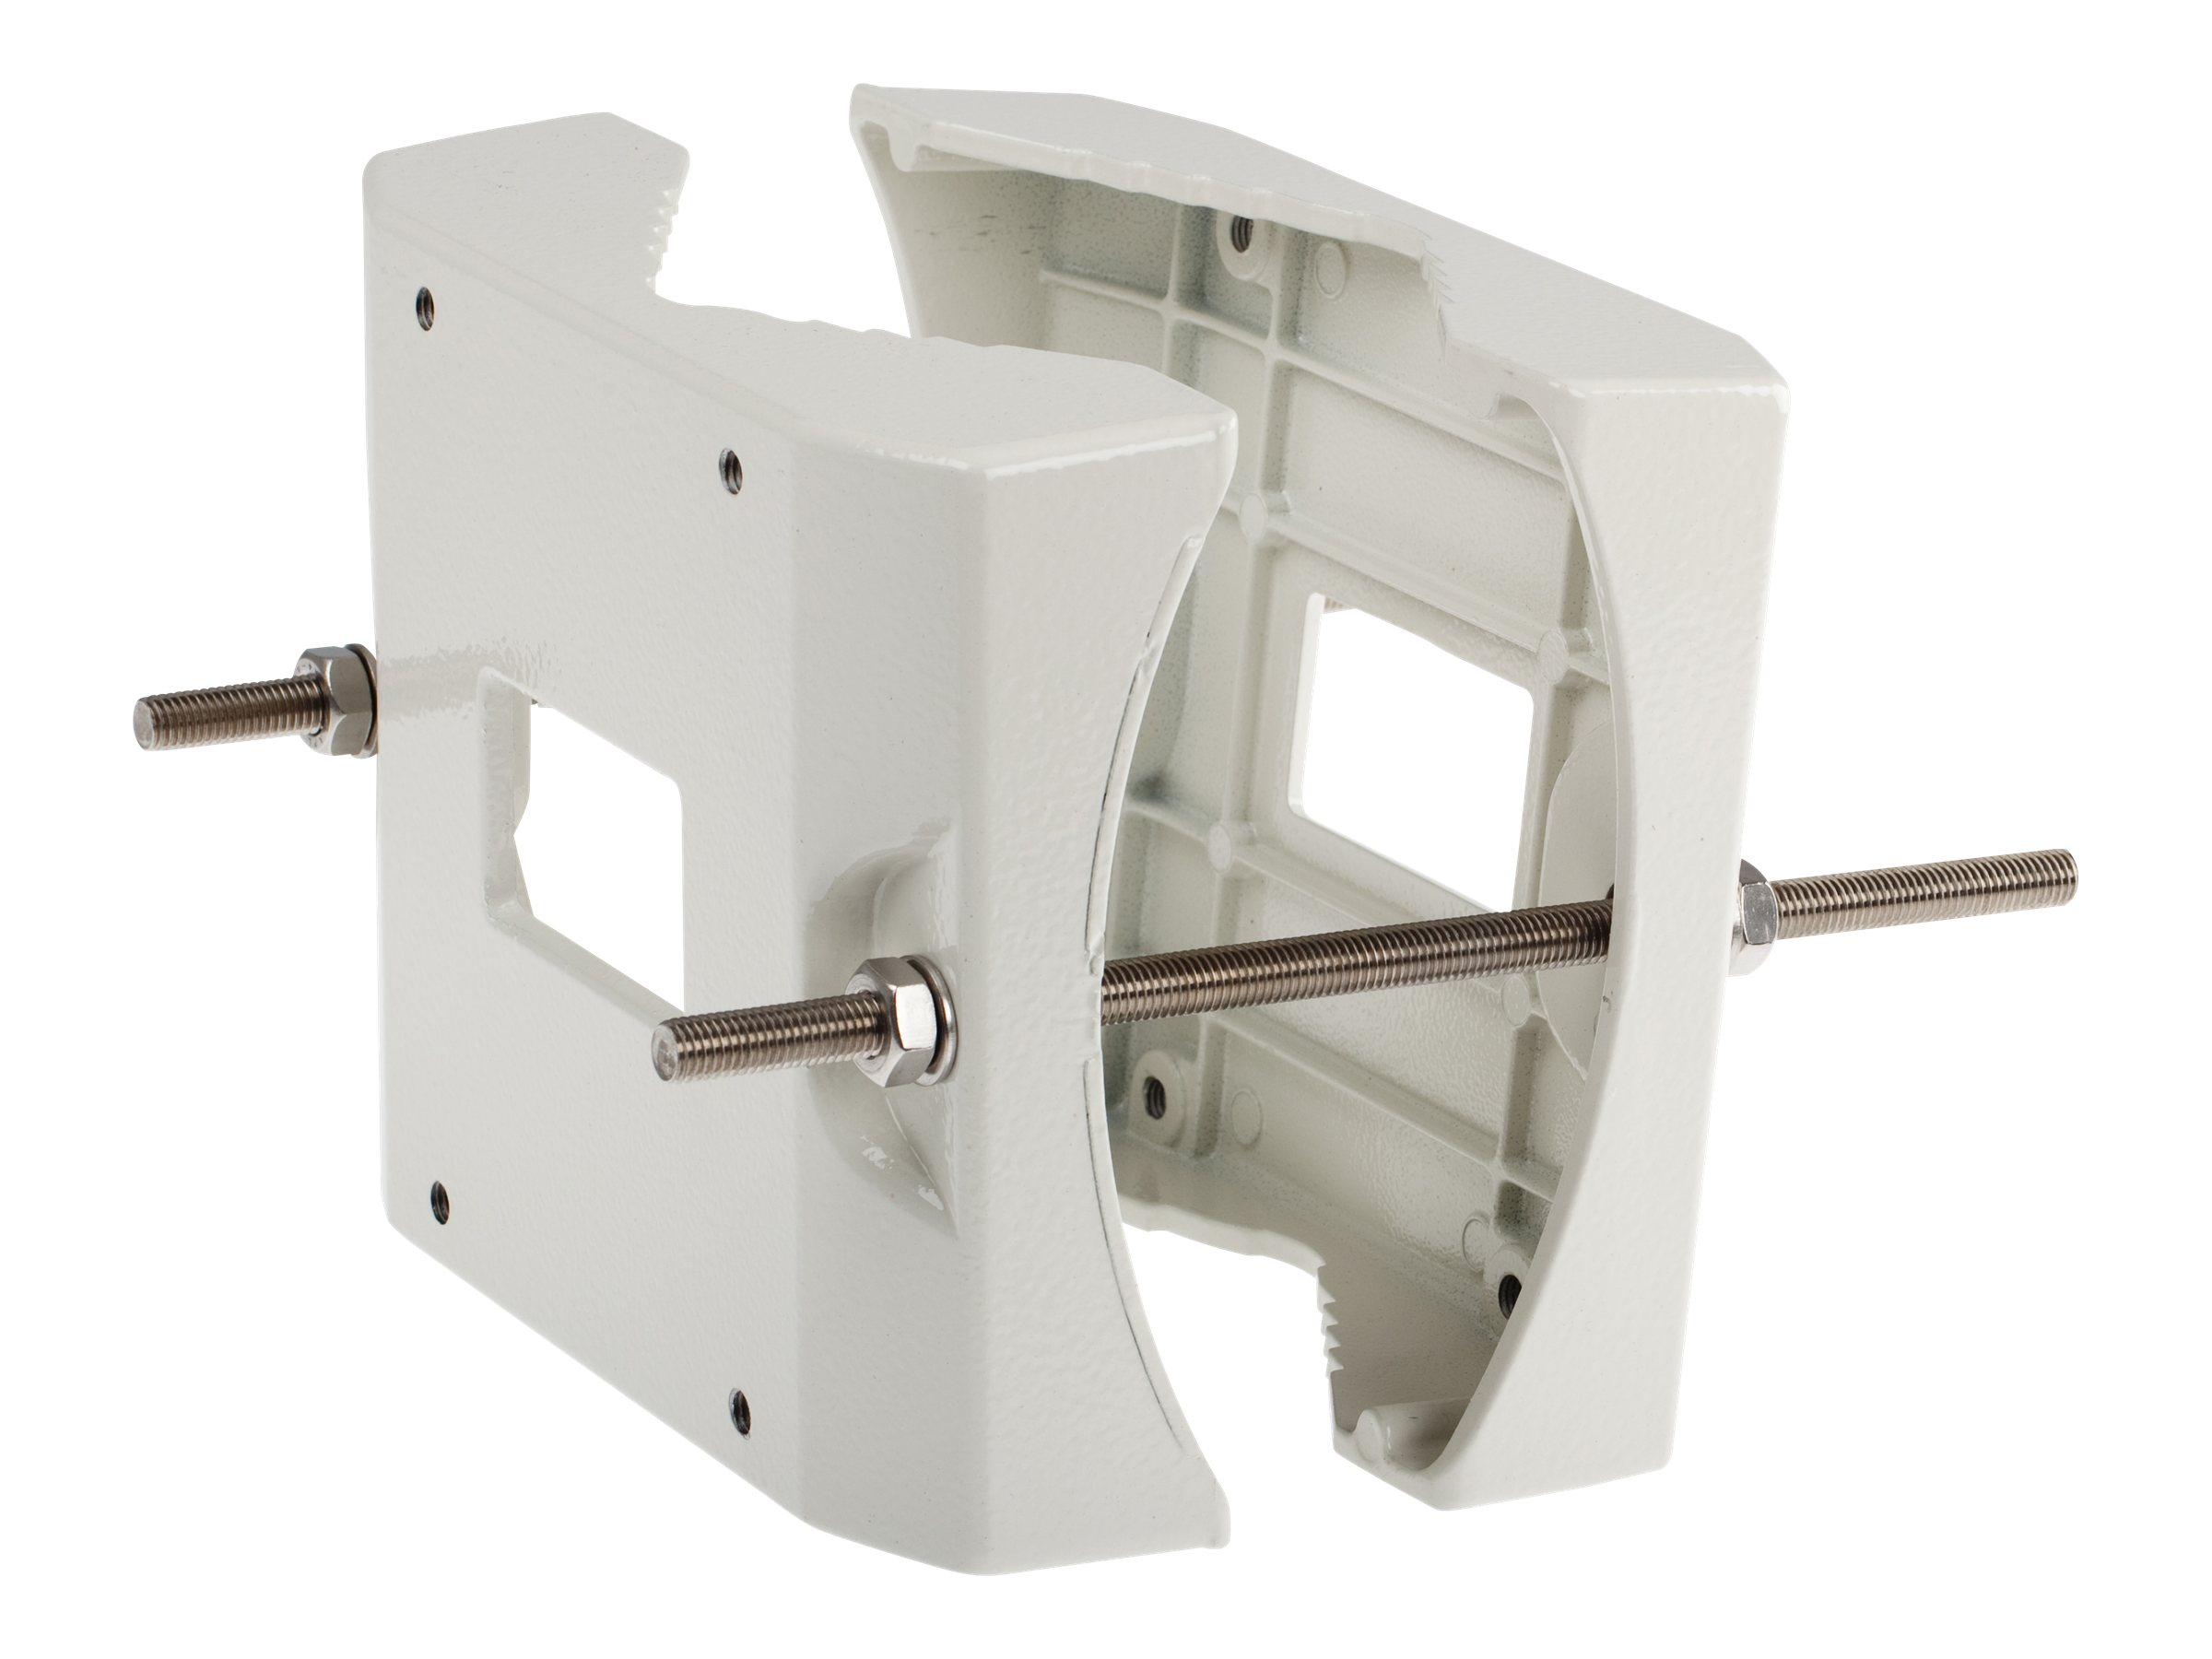 AXIS T95A67 - Montagehalterung für Kameragehäuse - Pfosten montierbar - für AXIS T95A00 Dome Housing, T95A10 Dome Housing